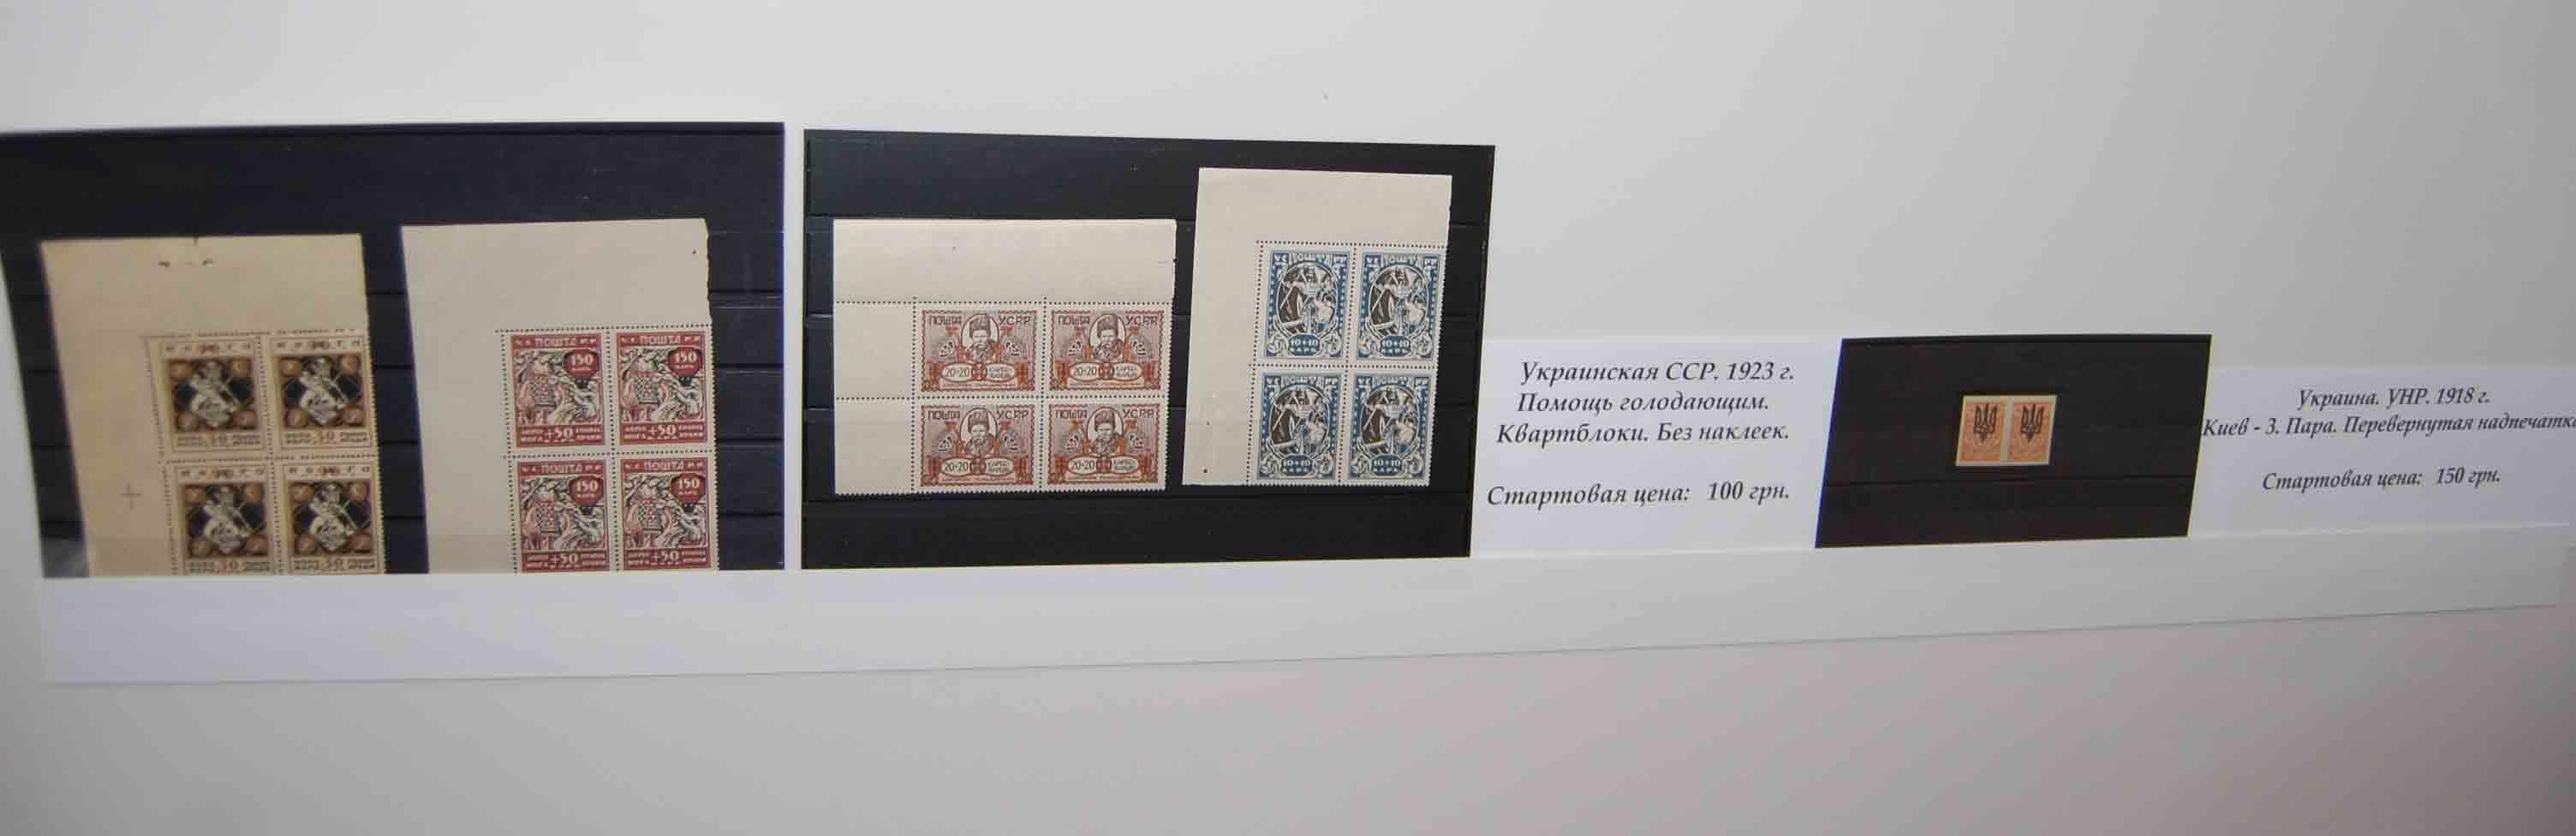 Лоты для аукциона на слете филателистов в Днепропетровске март 2016